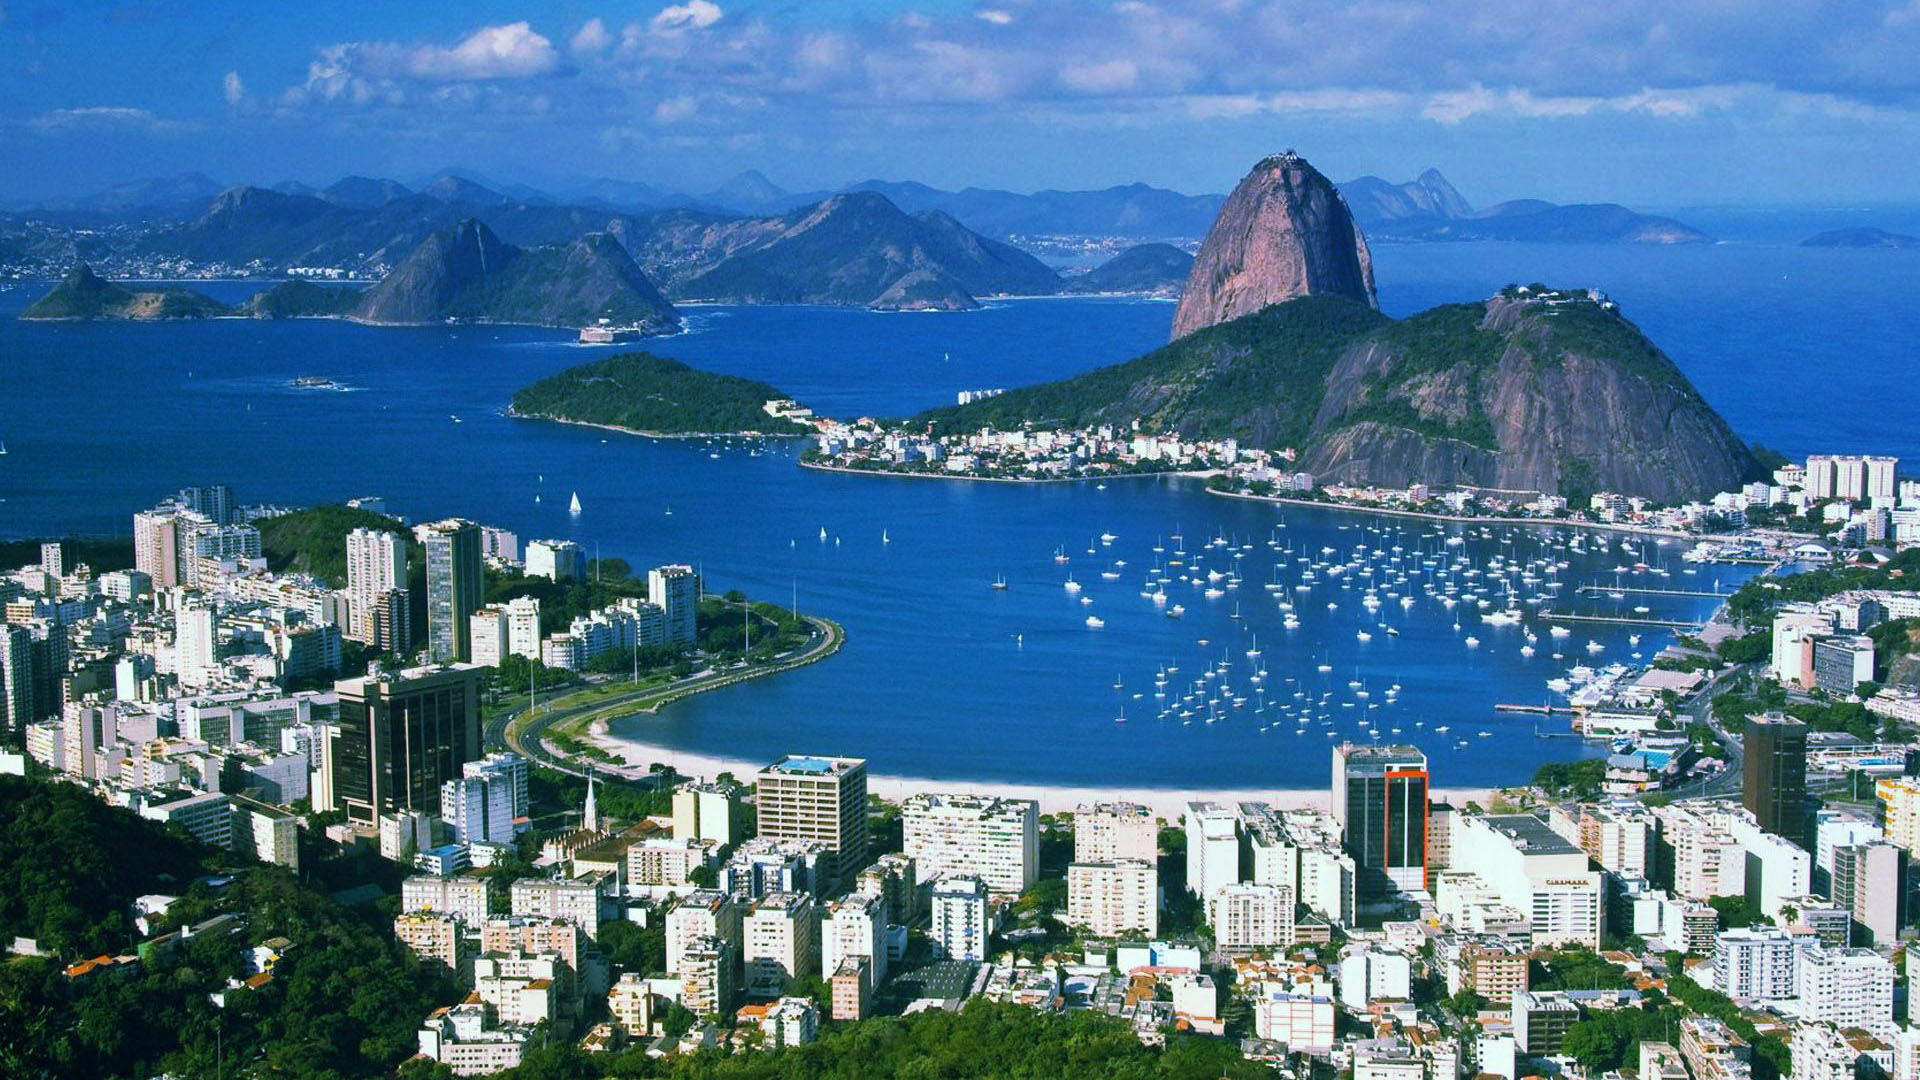 Rio De Janeiro Wallpaper 1920x1080 12980 Wallpaper Cool 1920x1080